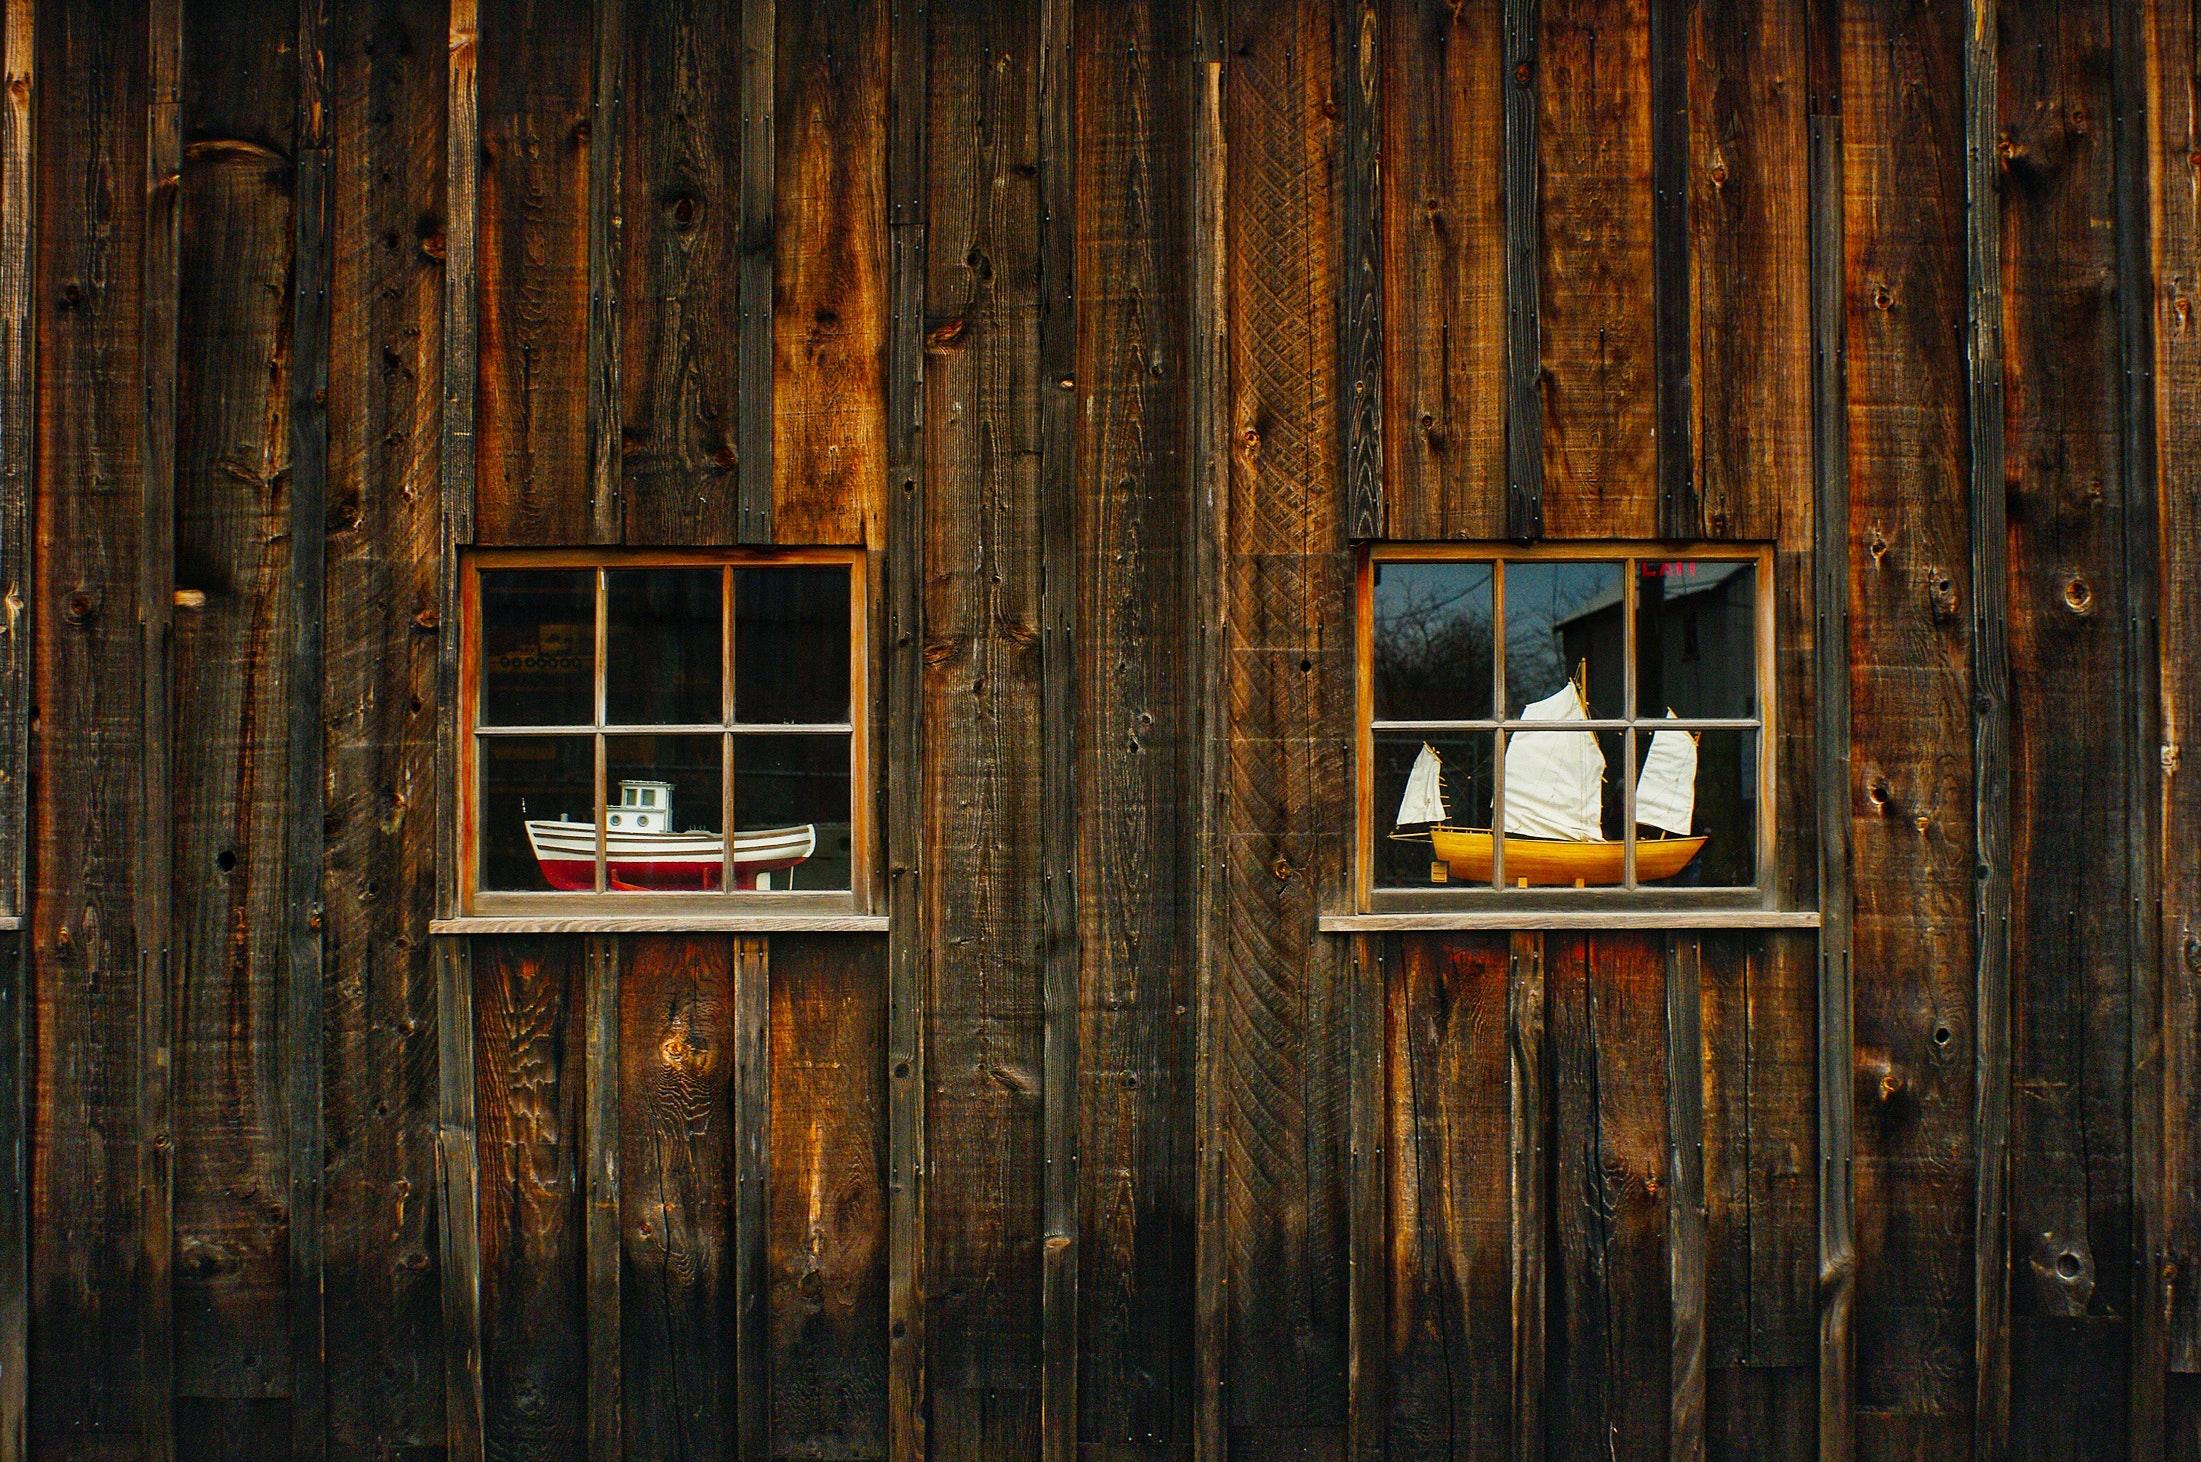 Closed wooden door photo